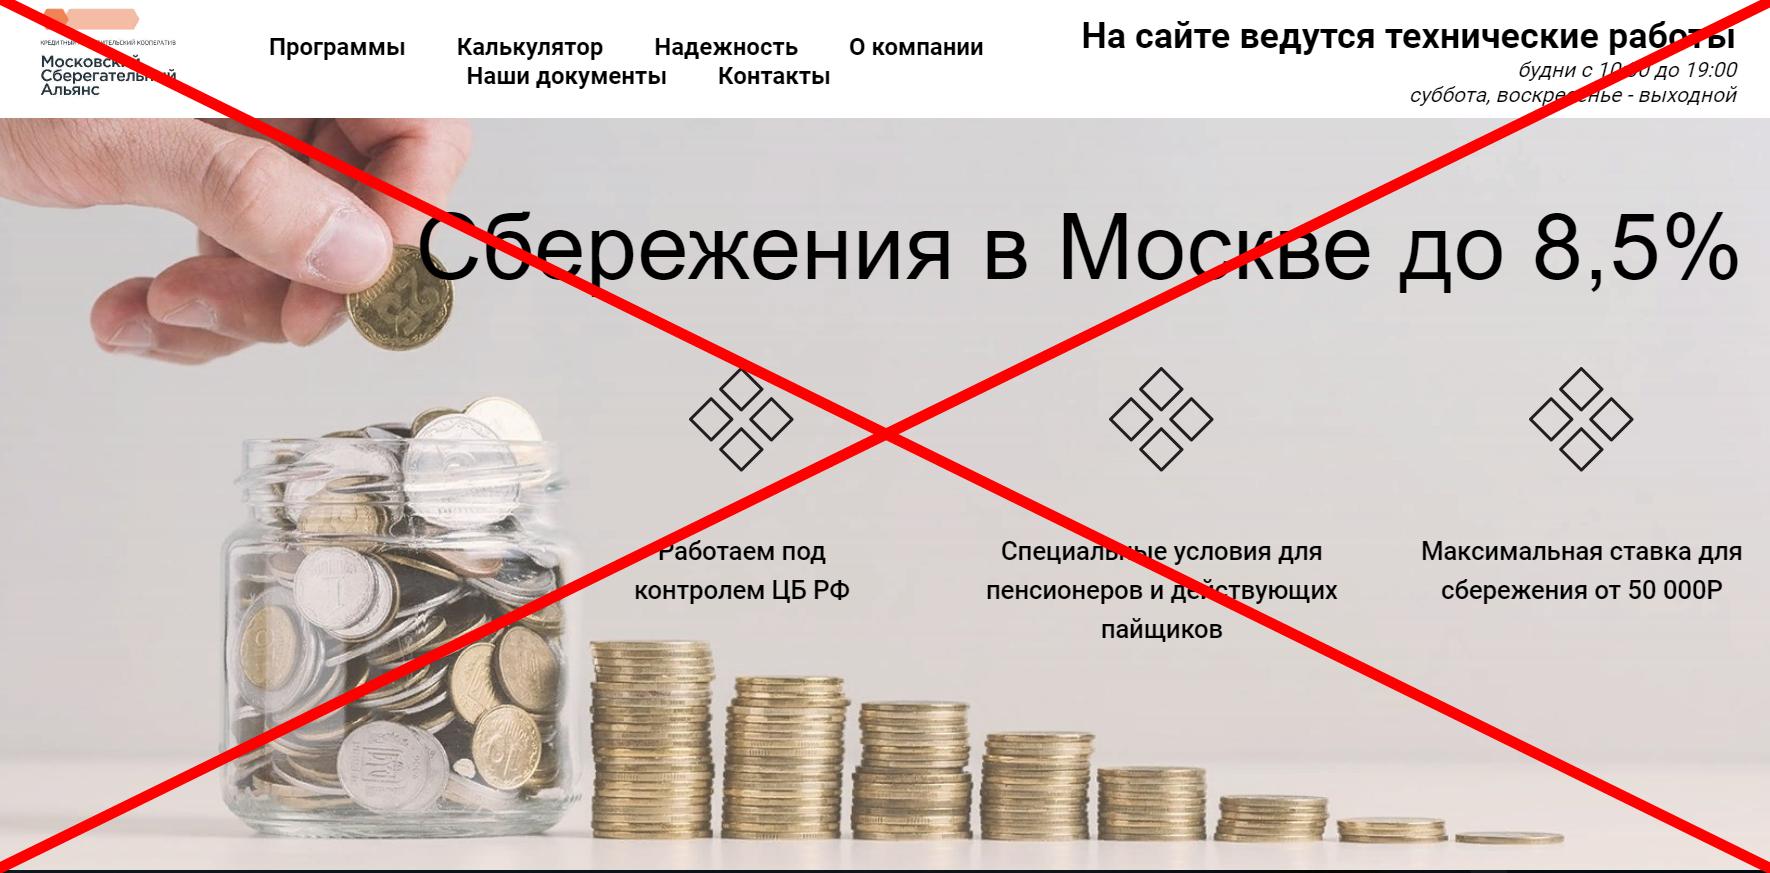 КПК Московский сберегательный альянс - отзывы